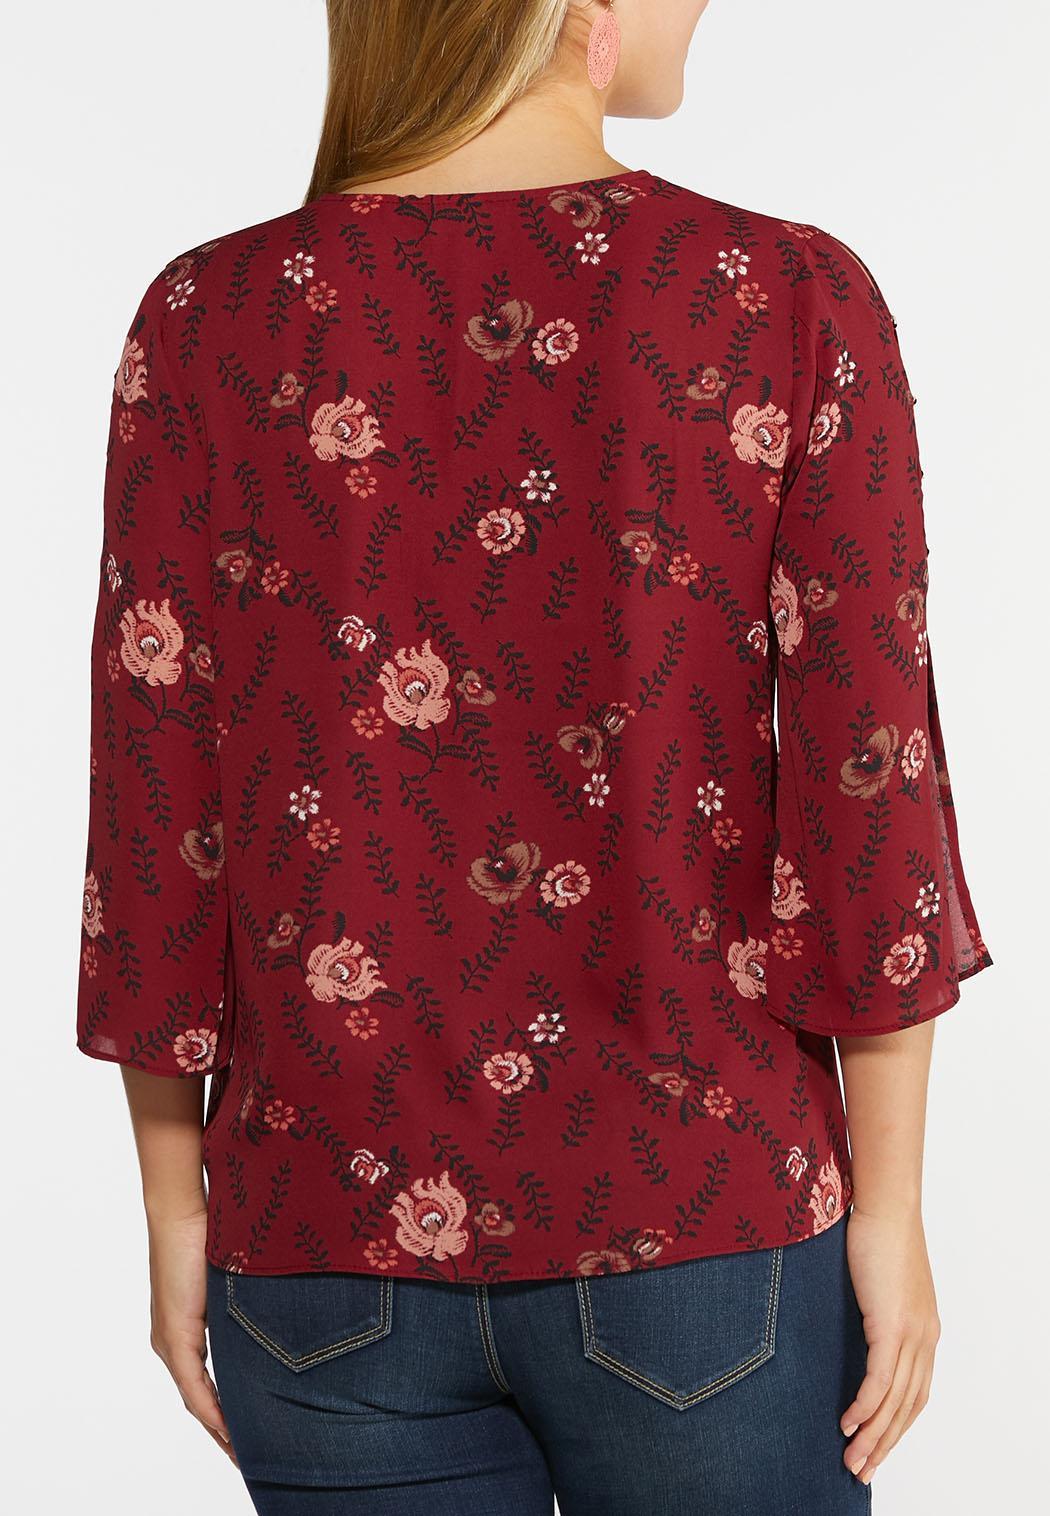 Embellished Split Sleeve Top (Item #44326896)